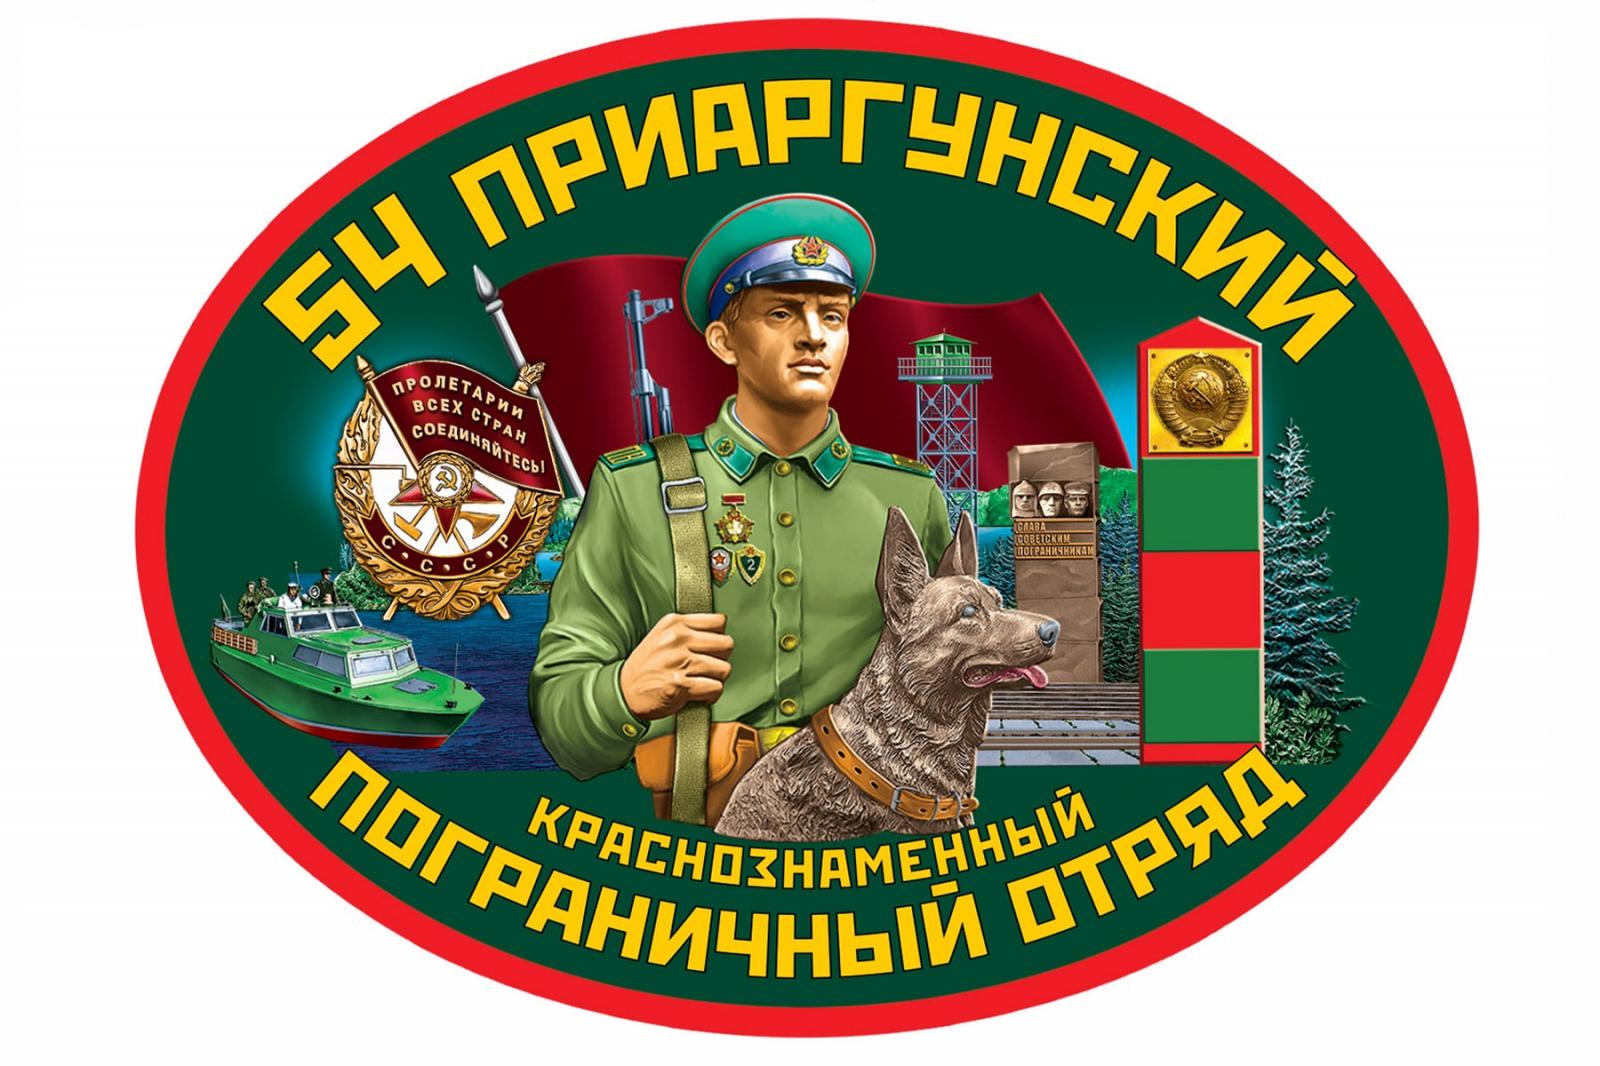 Наклейка на машину 54 Приаргунский пограничный отряд